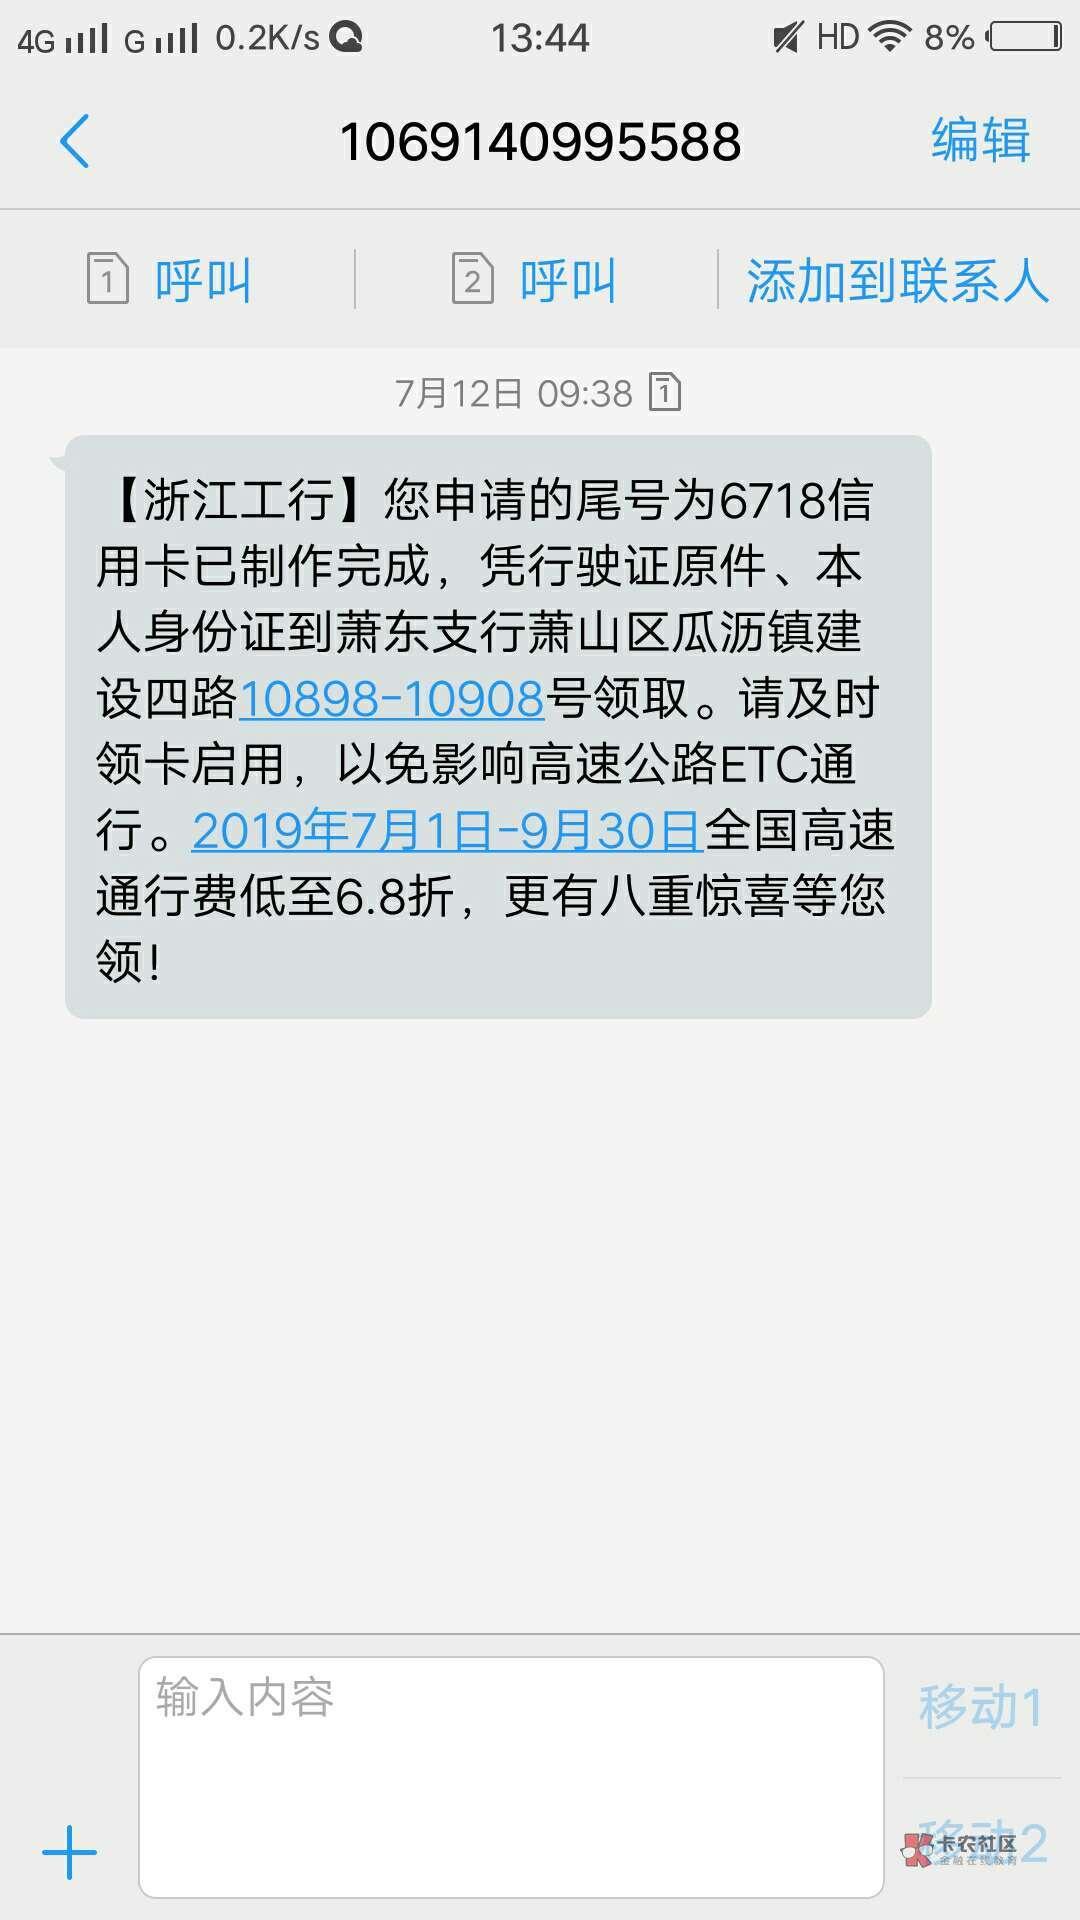 工商ETC,有没有同一网点的老哥工商ETC,有没有同一网点的老哥,用别人行驶证74 / 作者:15158333137 /